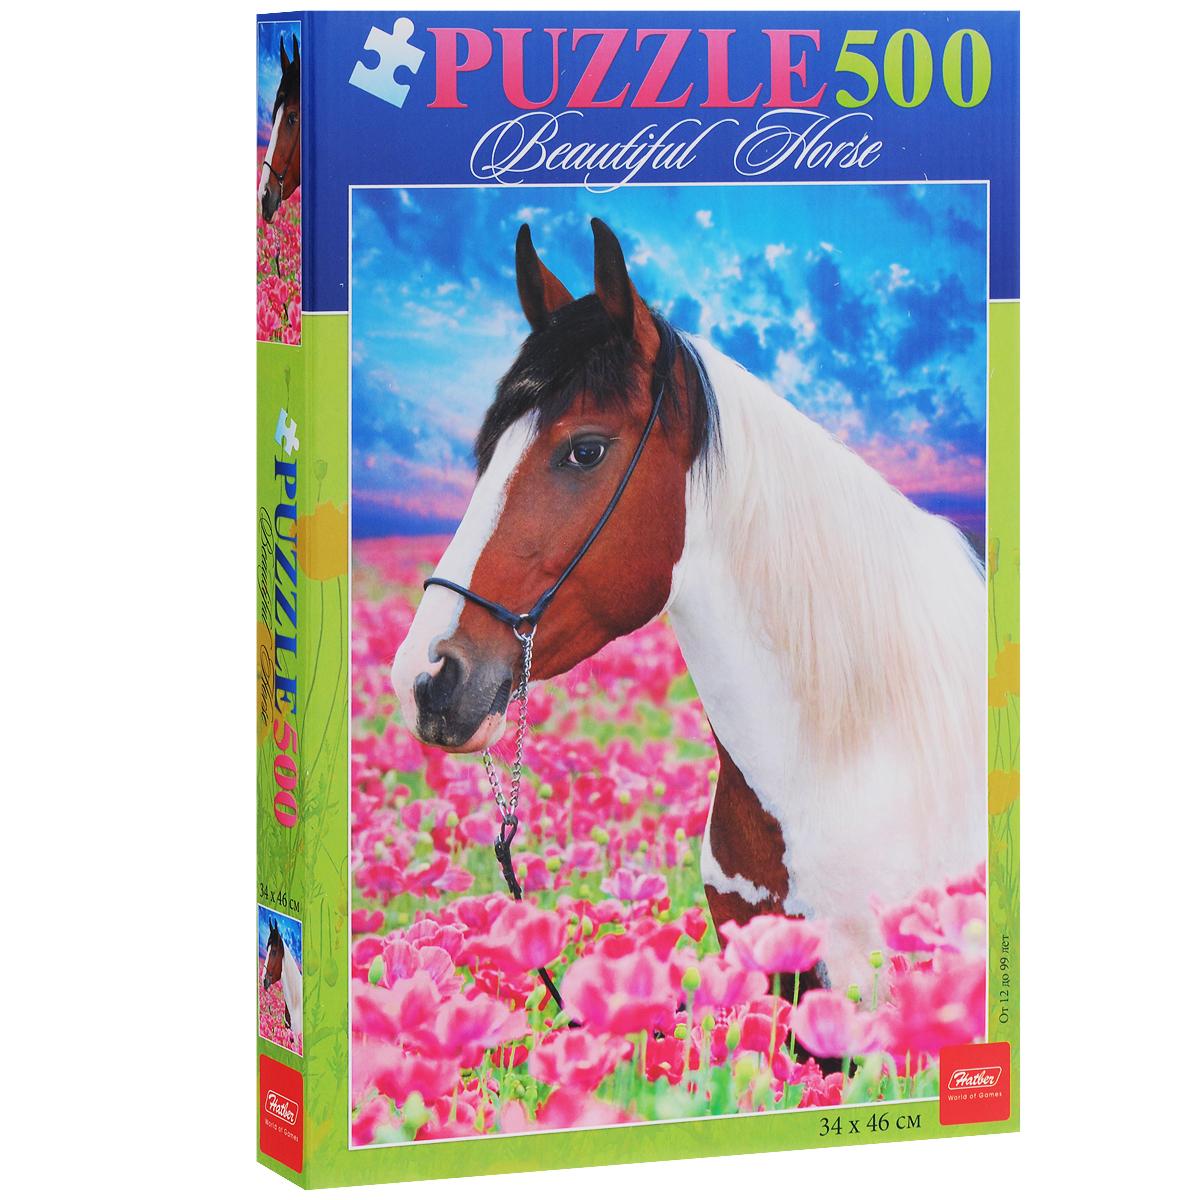 Лошадь в цветах. Пазл, 500 элементов500ПЗ2_09503Пазл Лошадь в цветах, без сомнения, придется по душе вашему ребенку. Собрав этот пазл, вы получите яркую цветную картинку с изображением красивой лошади на фоне цветов. Пазлы - замечательная игра для всей семьи. Собирание пазла развивает у детей мелкую моторику рук, тренирует наблюдательность, логическое мышление, знакомит с окружающим миром, с цветом и разнообразными формами, учит усидчивости и терпению, аккуратности и вниманию. Получившееся яркое изображение станет отличным украшением вашего интерьера.